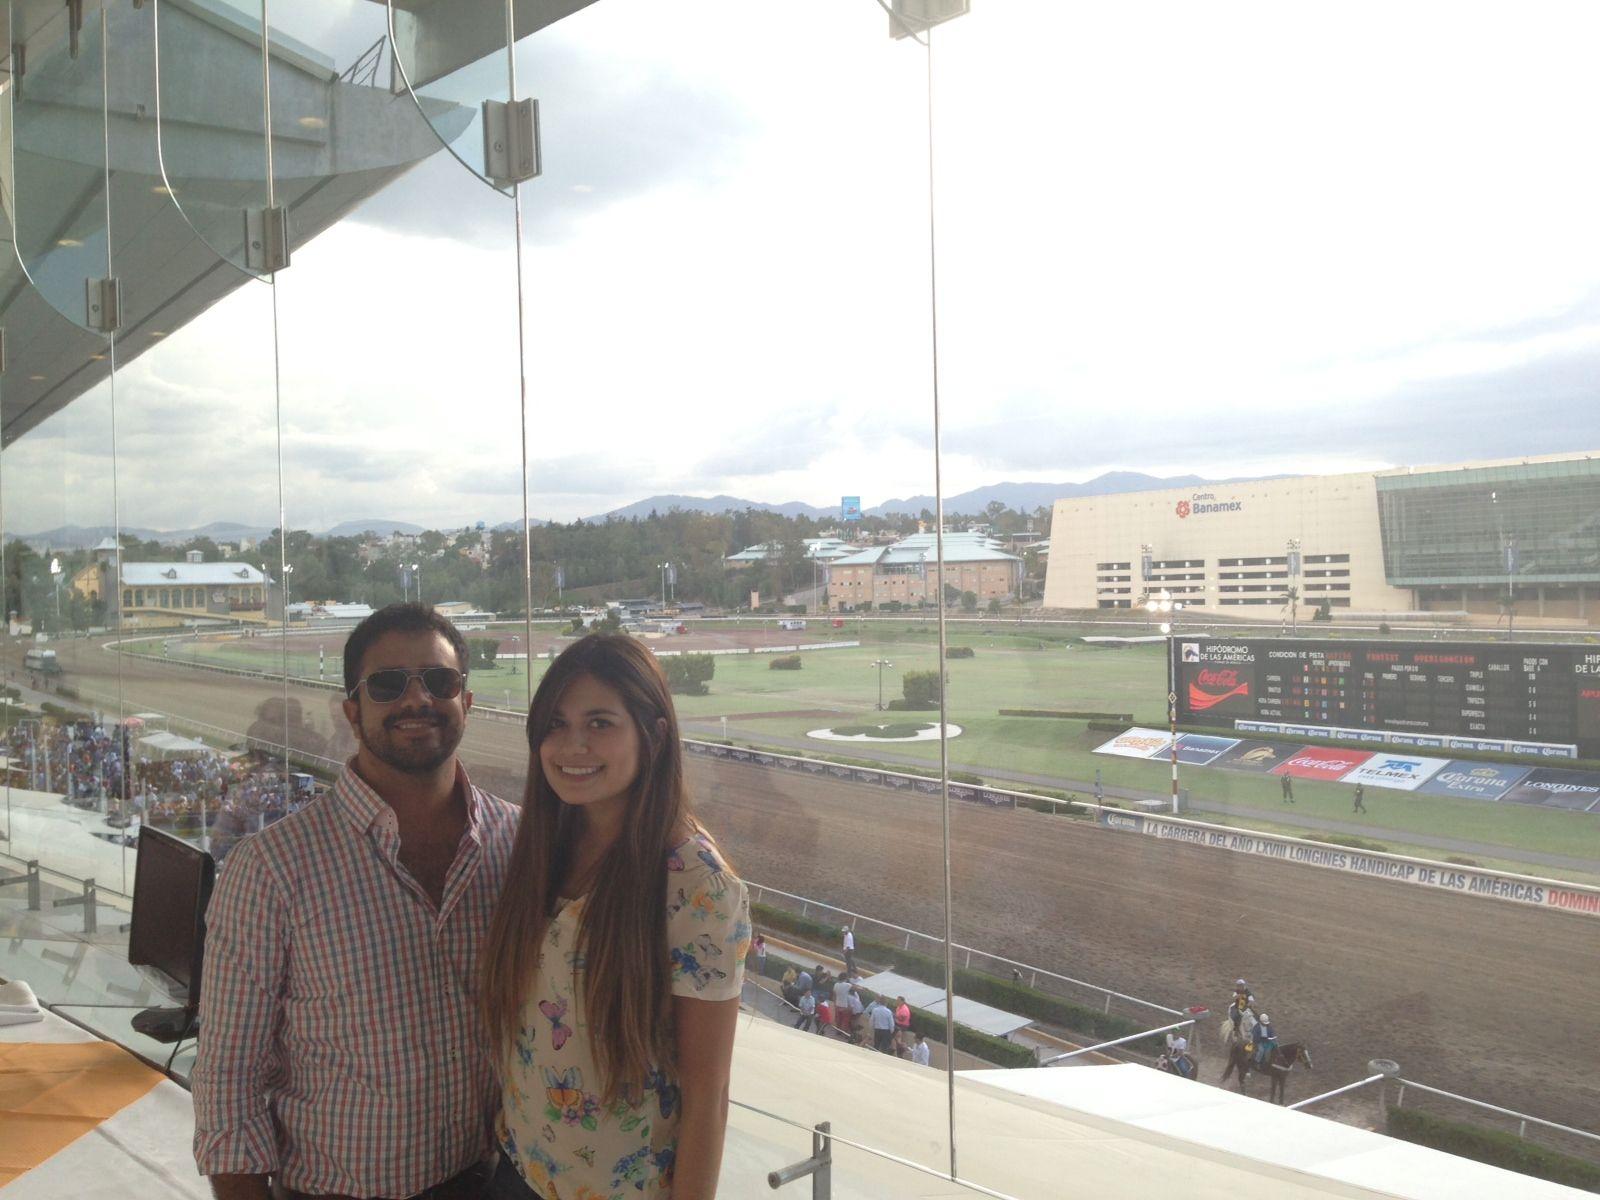 Daniel Loyola, con su novia Gabriela Rocha, aprovechando el solecito con su nueva Maauad en el Hipódromo de las Américas.